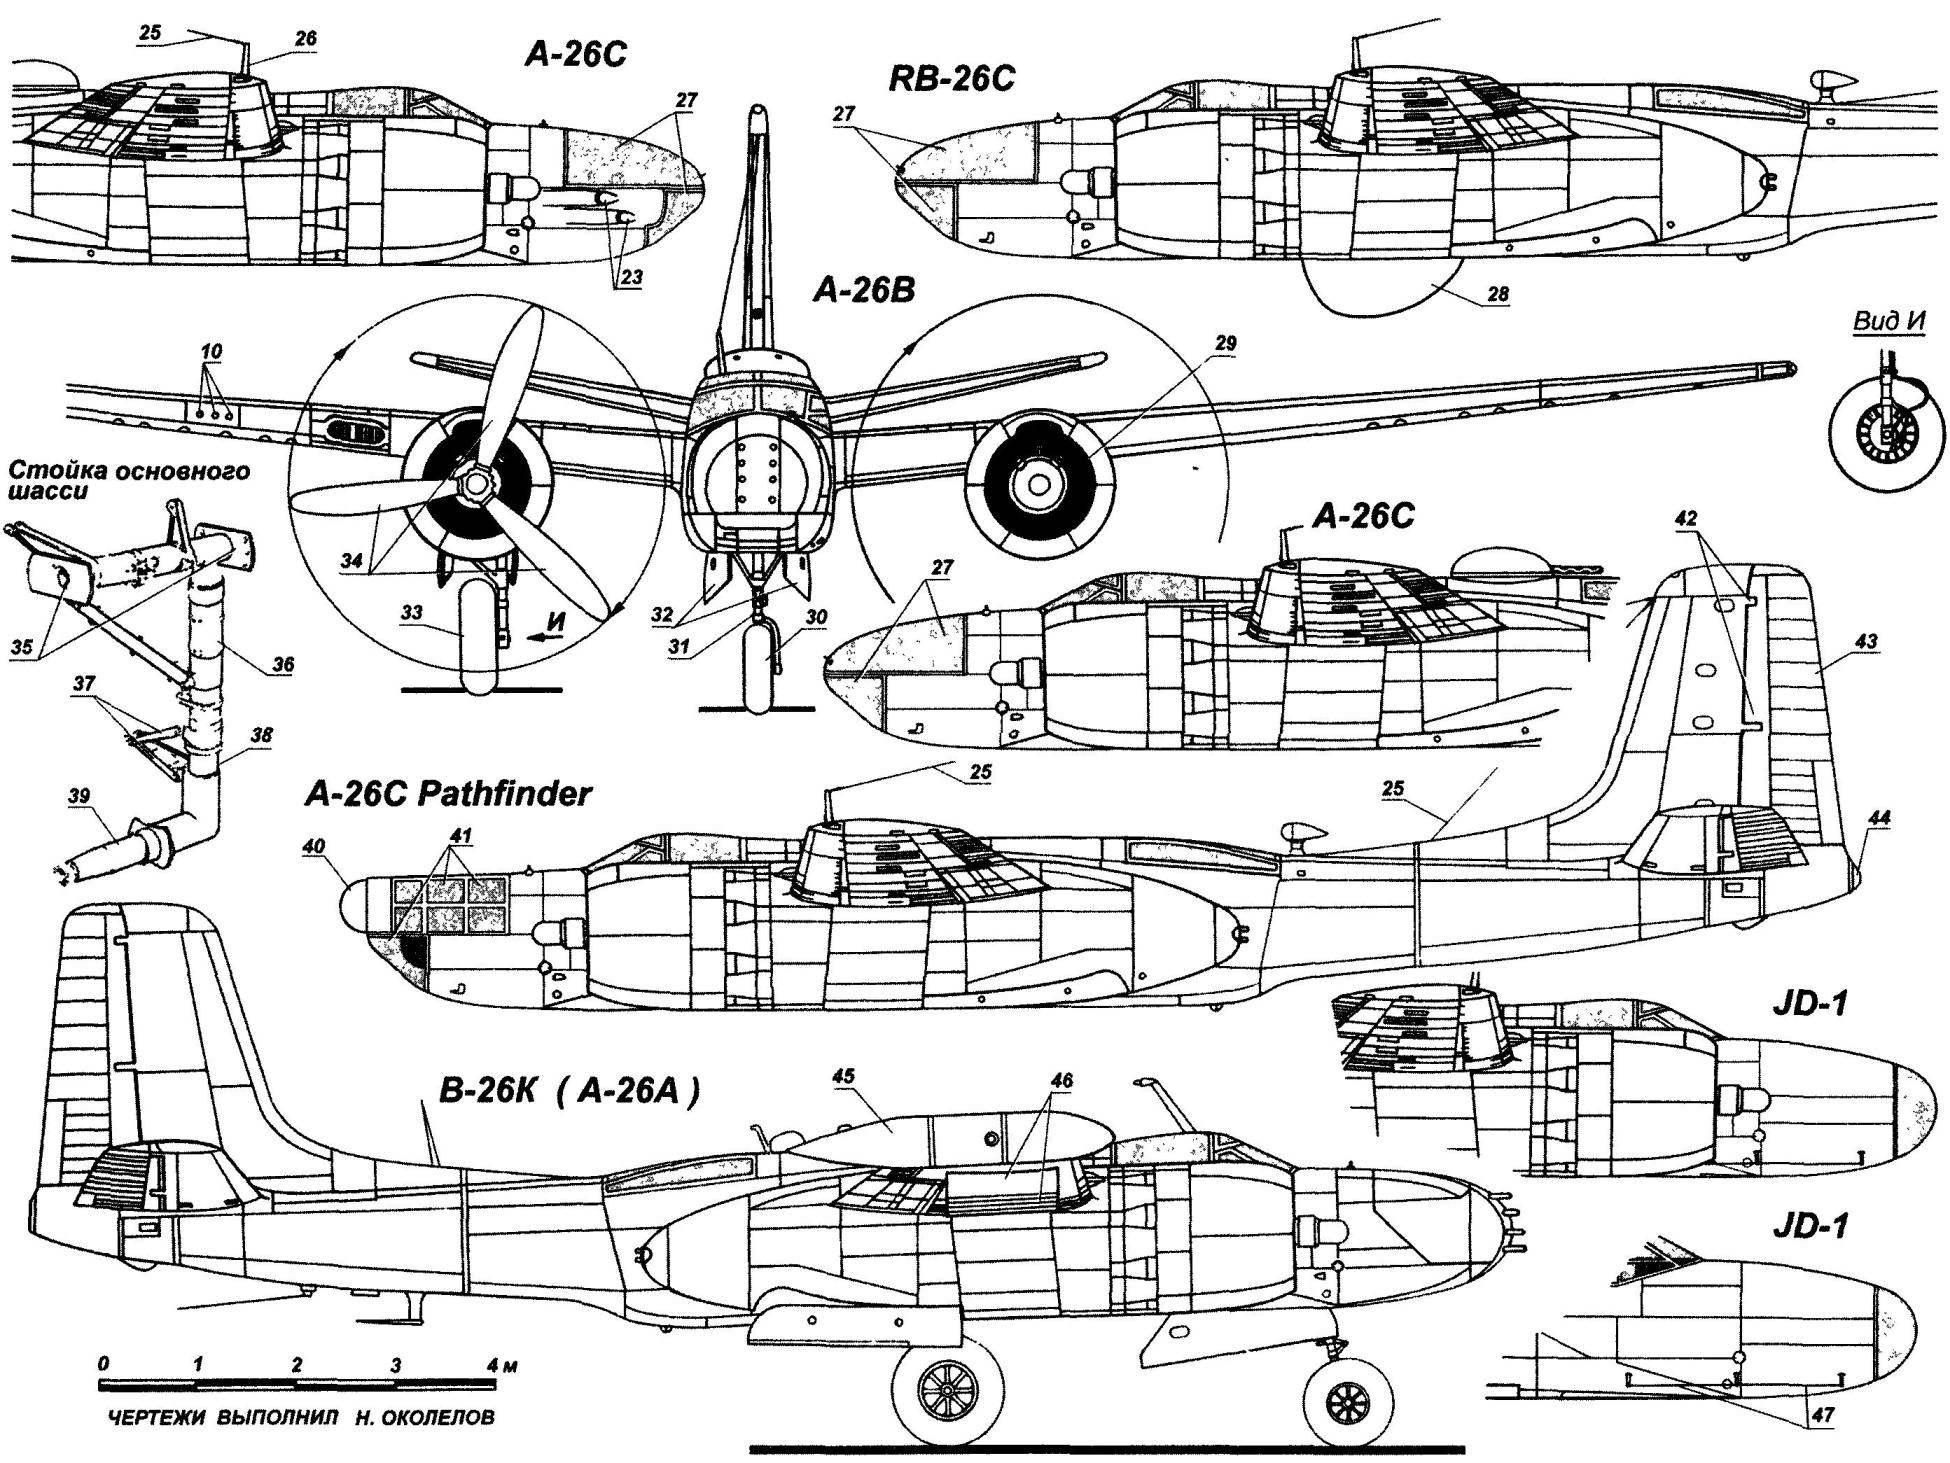 Бомбардировщик A-26 Invader